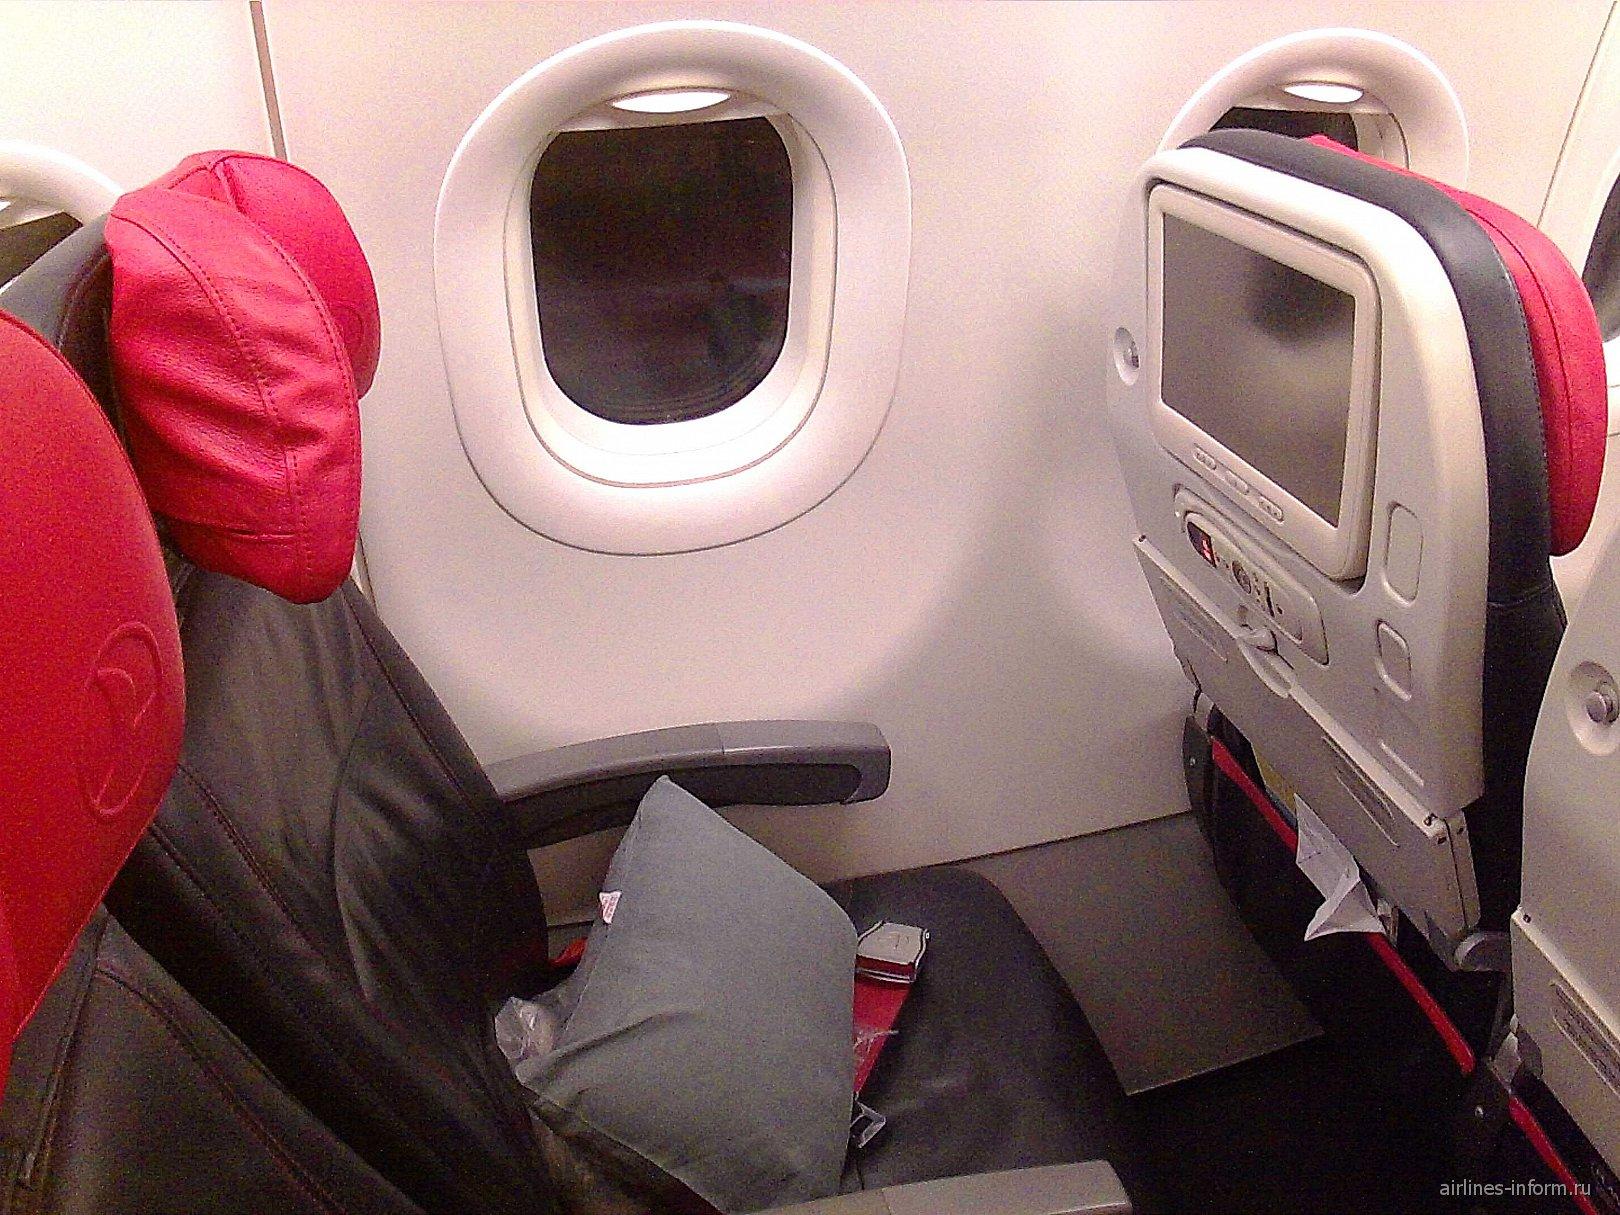 Пассажирское место в самолете Airbus A321 Турецких авиалиний